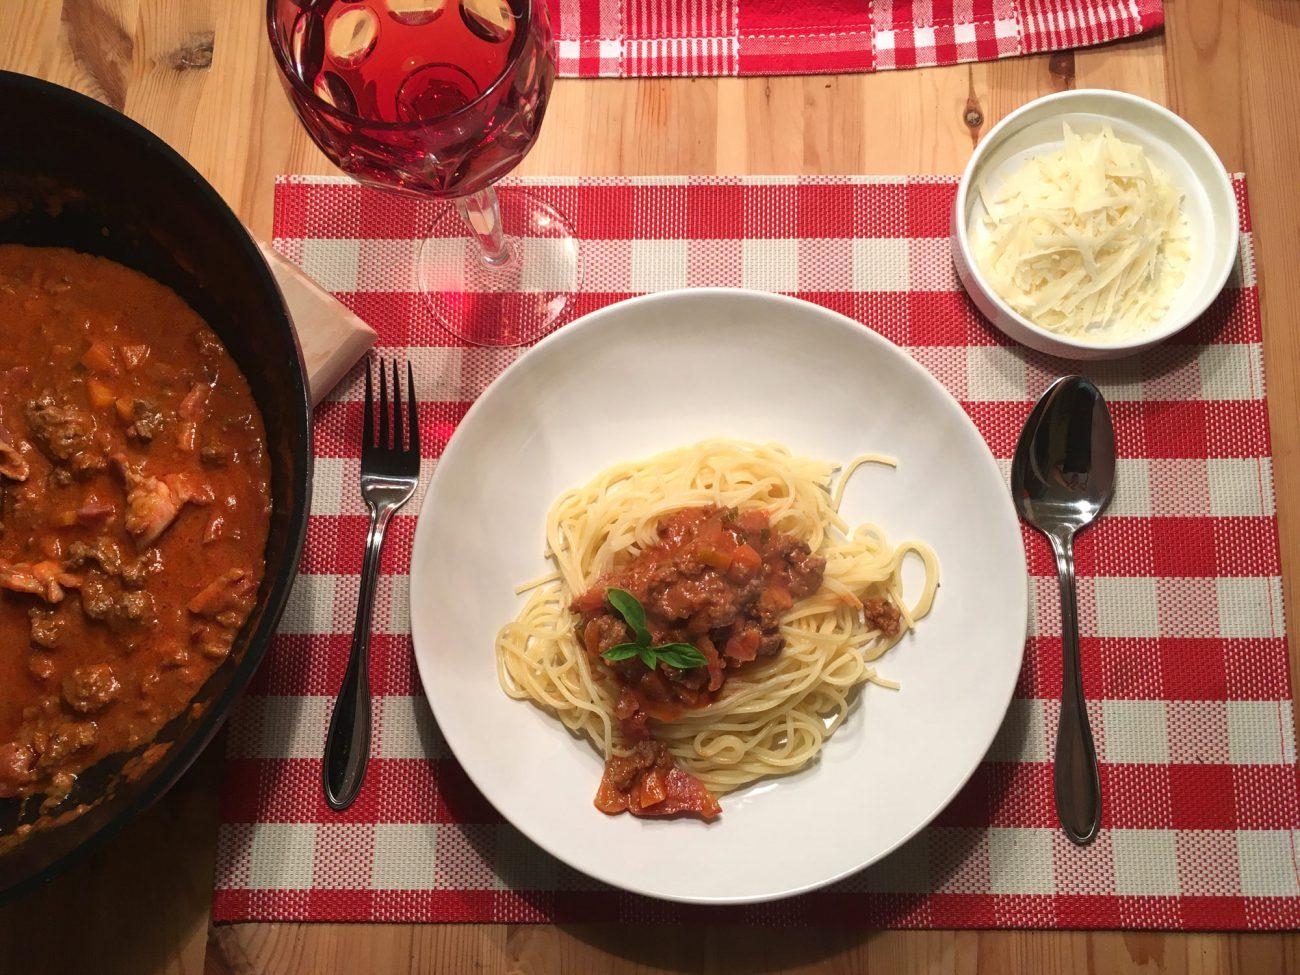 Spaghetti mit Ragout alla Bolognese